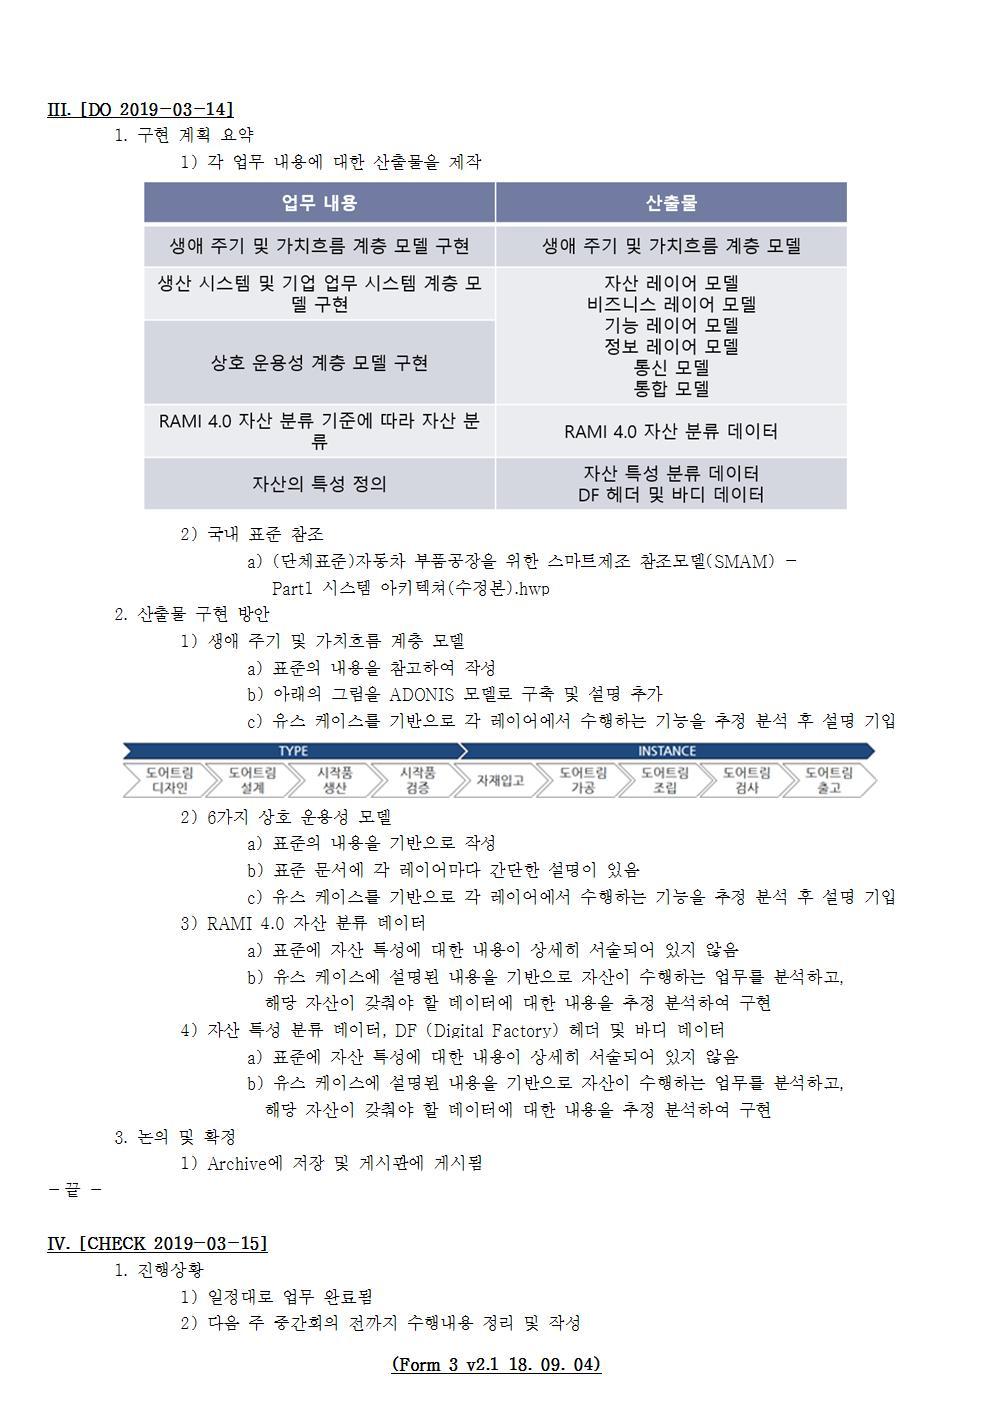 D-[19-007-RD-07]-[NGV-II]-[2019-03-18][SH]002.jpg